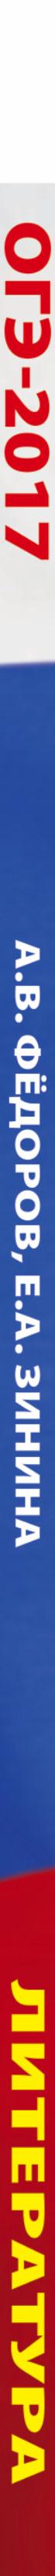 ОГЭ-2017. Литература. 10 тренировочных вариантов экзаменационных работ для подготовки к основному государственному экзамену